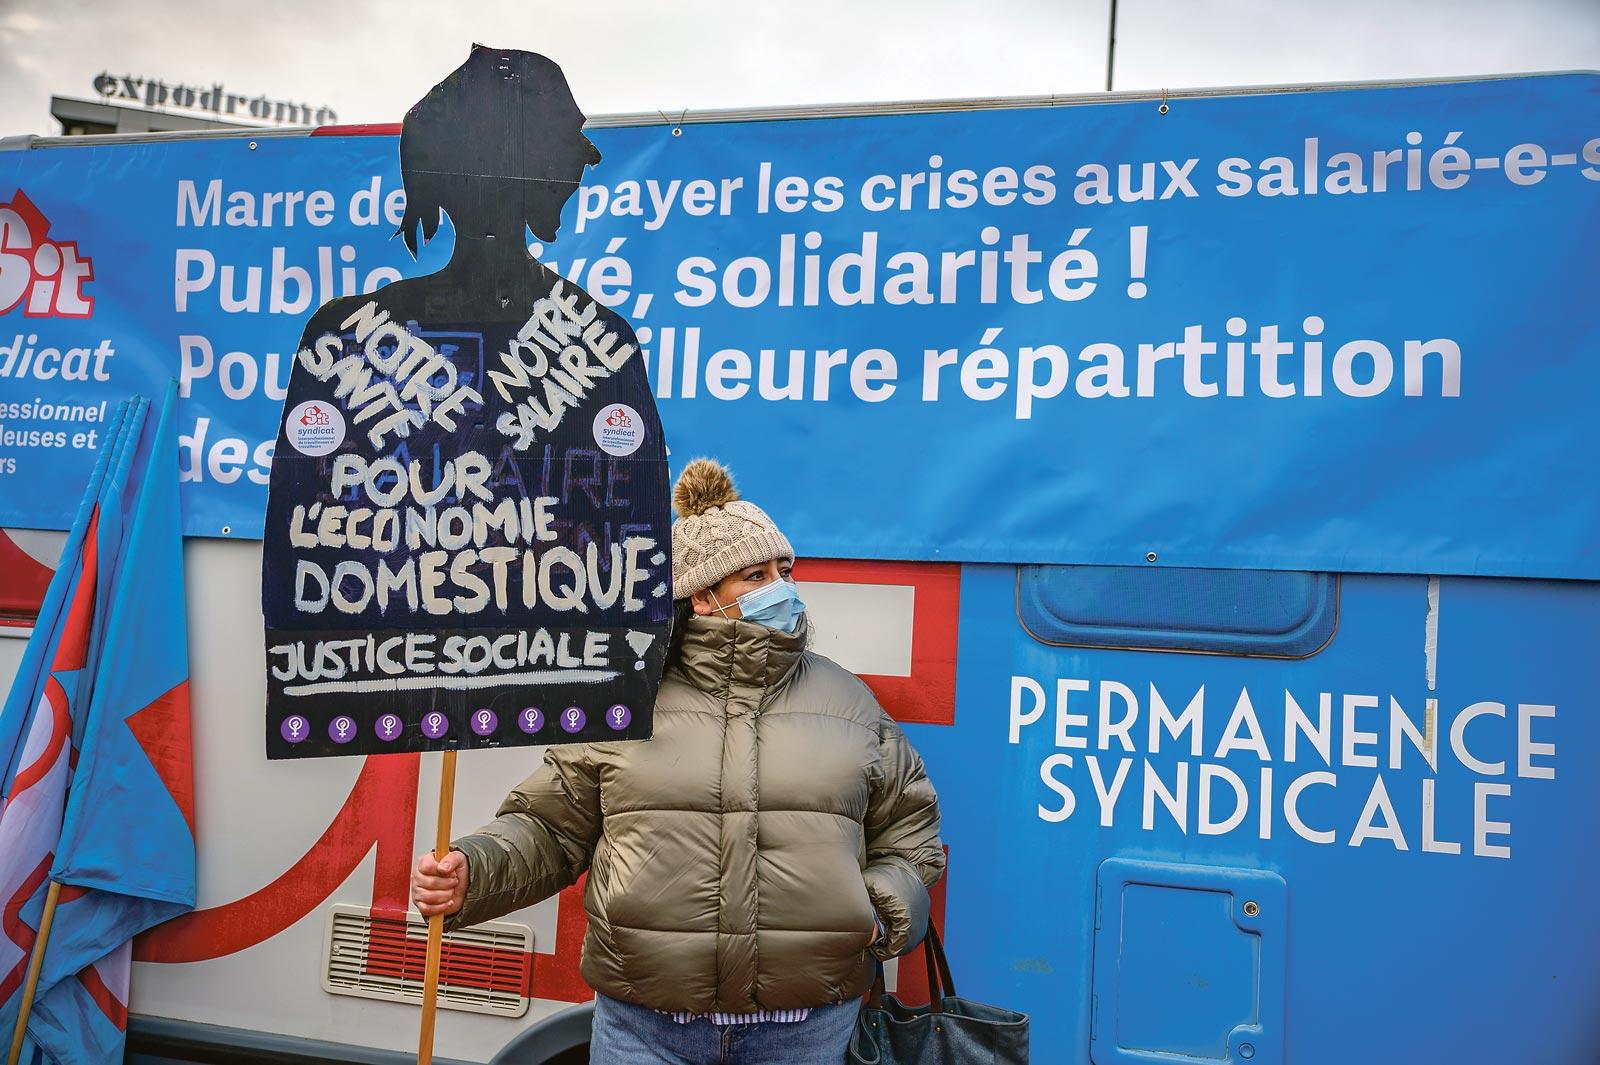 Manifestation pour une sortie de crise solidaire, Genève, 19 décembre 2020